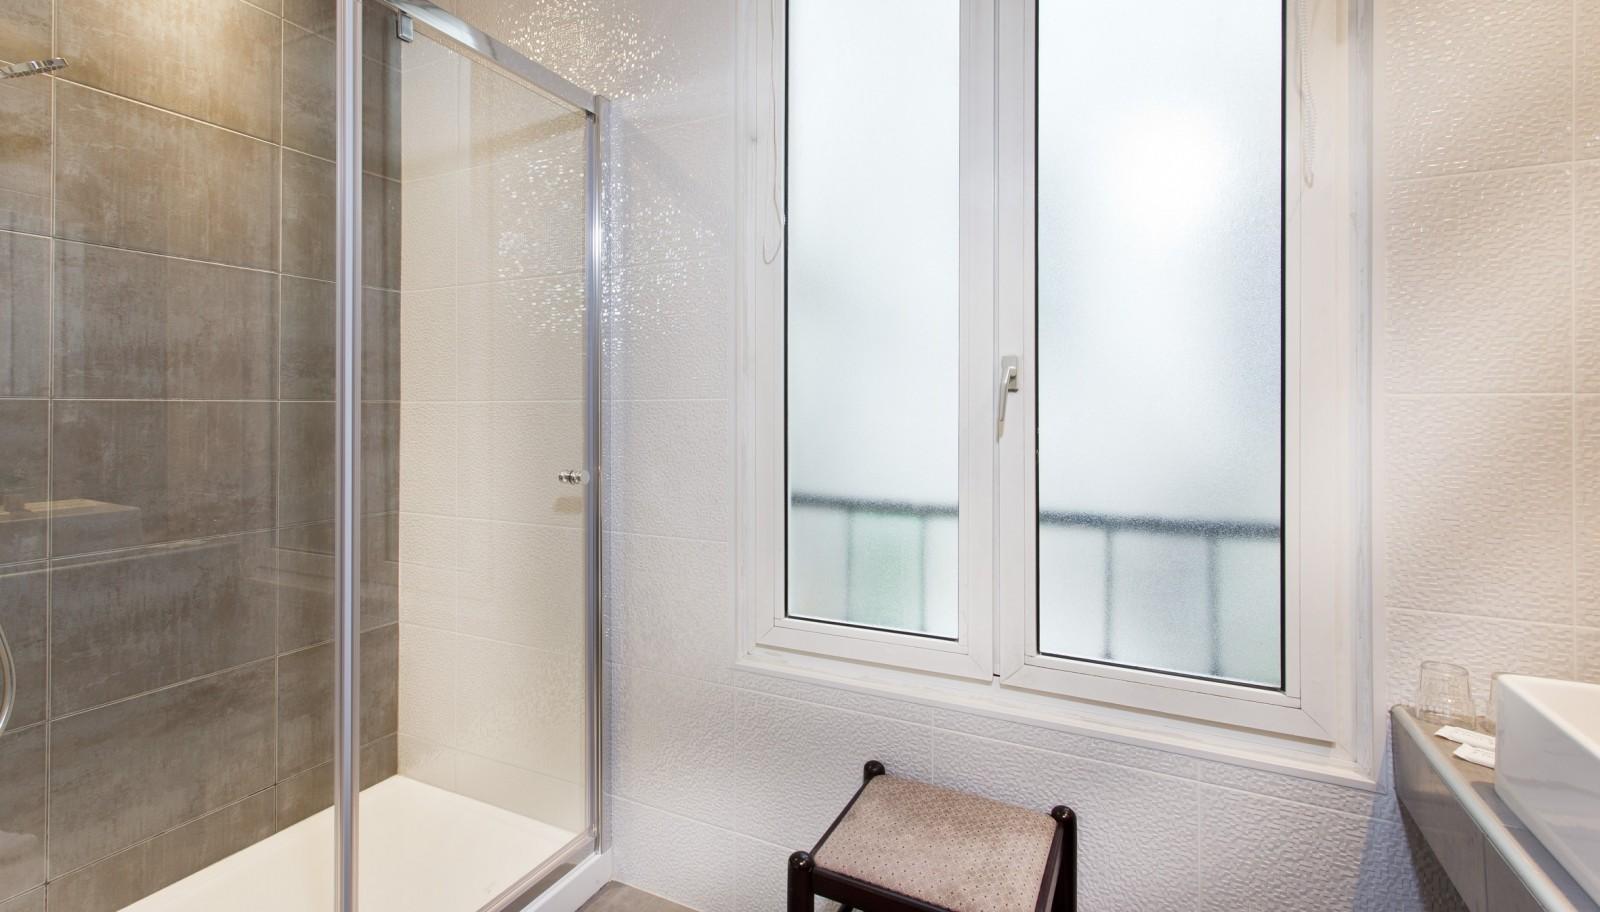 H tel des pavillons paris hotel palais des congr s for E mobilia paris